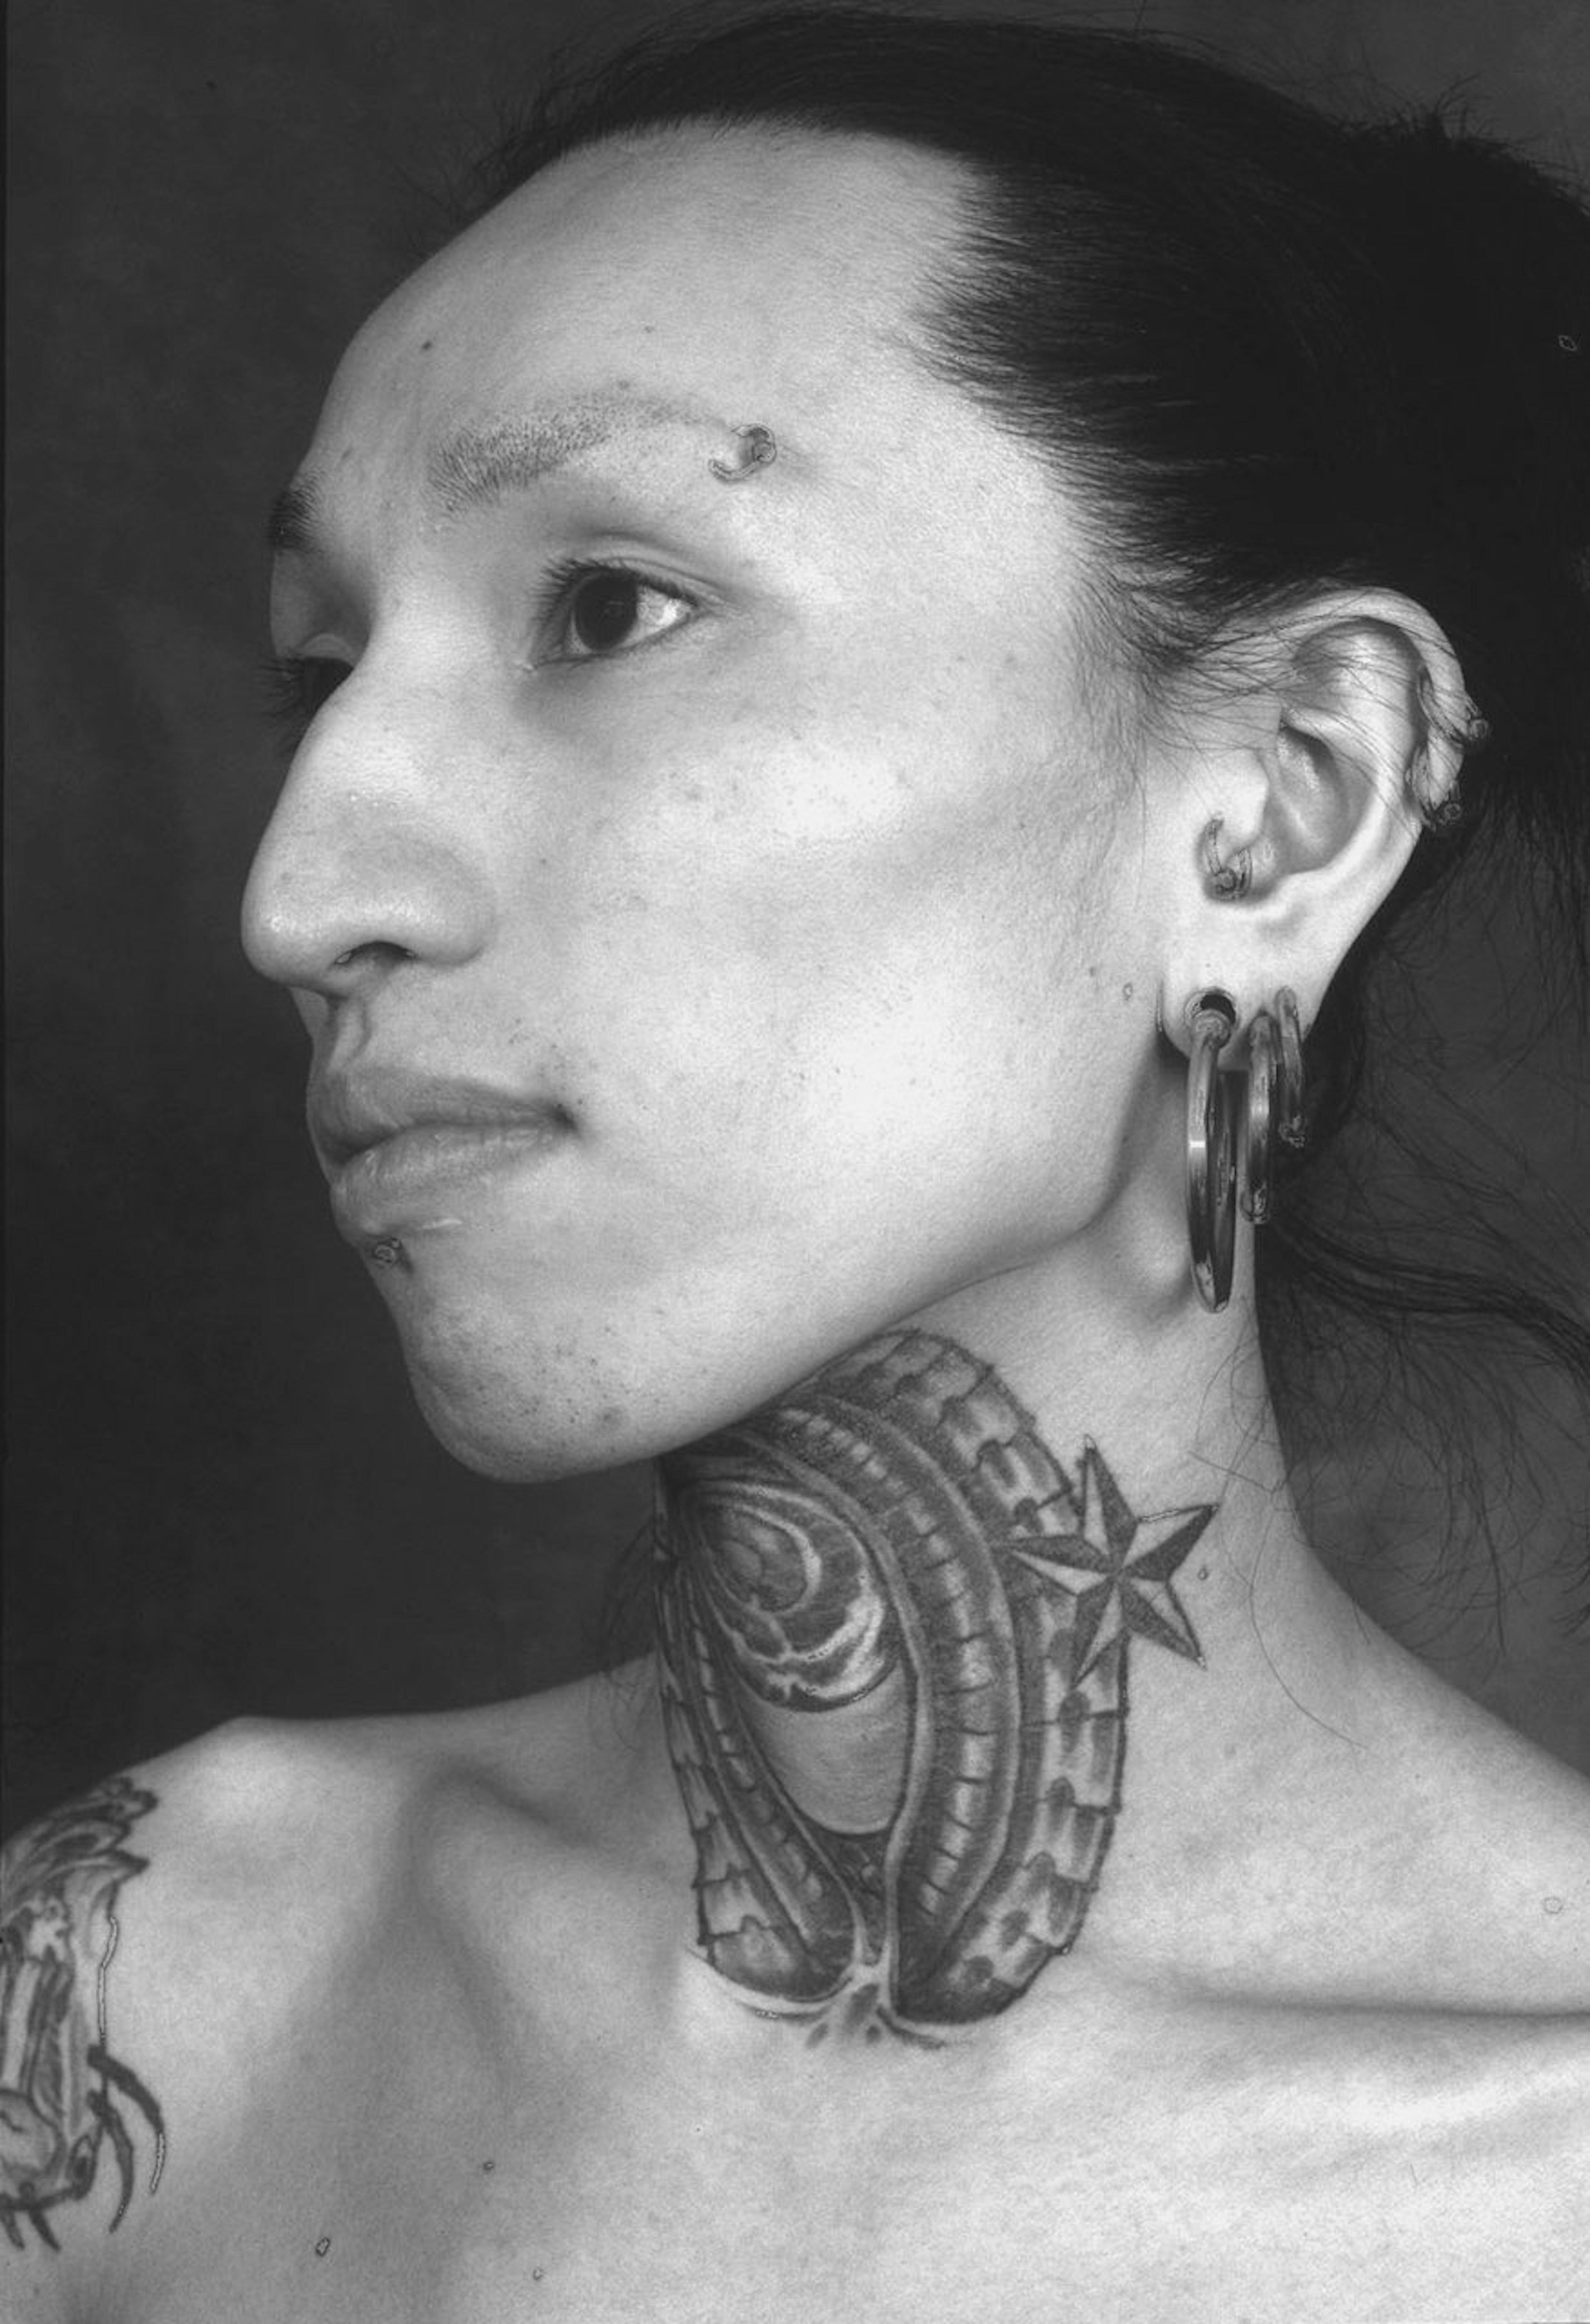 Masato by Elvia Iannaccone Gezlev, 2002